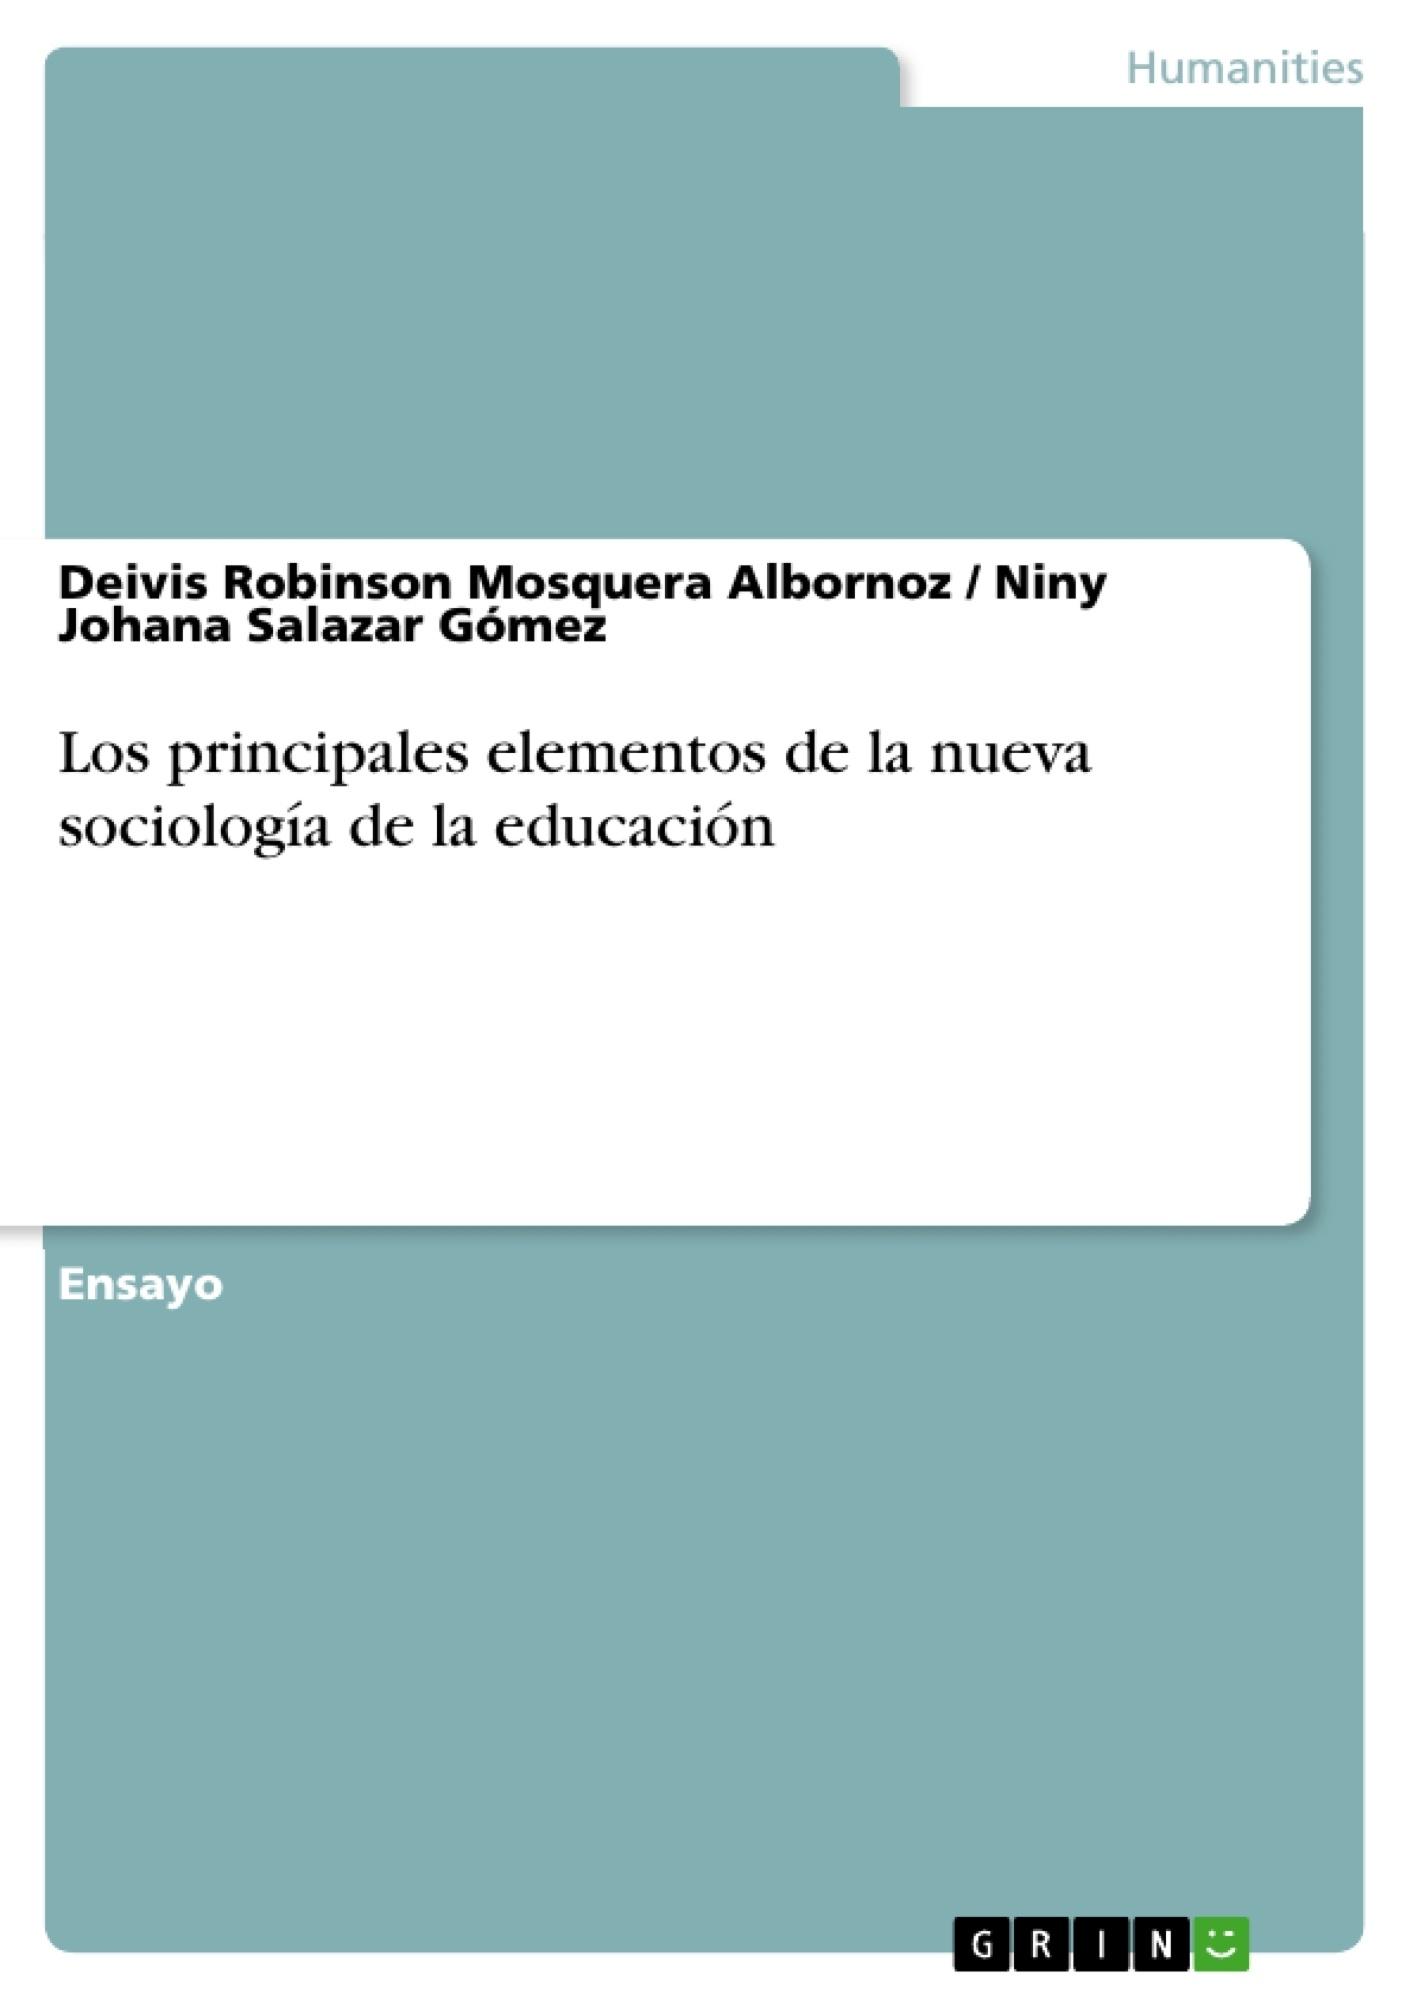 Título: Los principales elementos de la nueva sociología de la educación